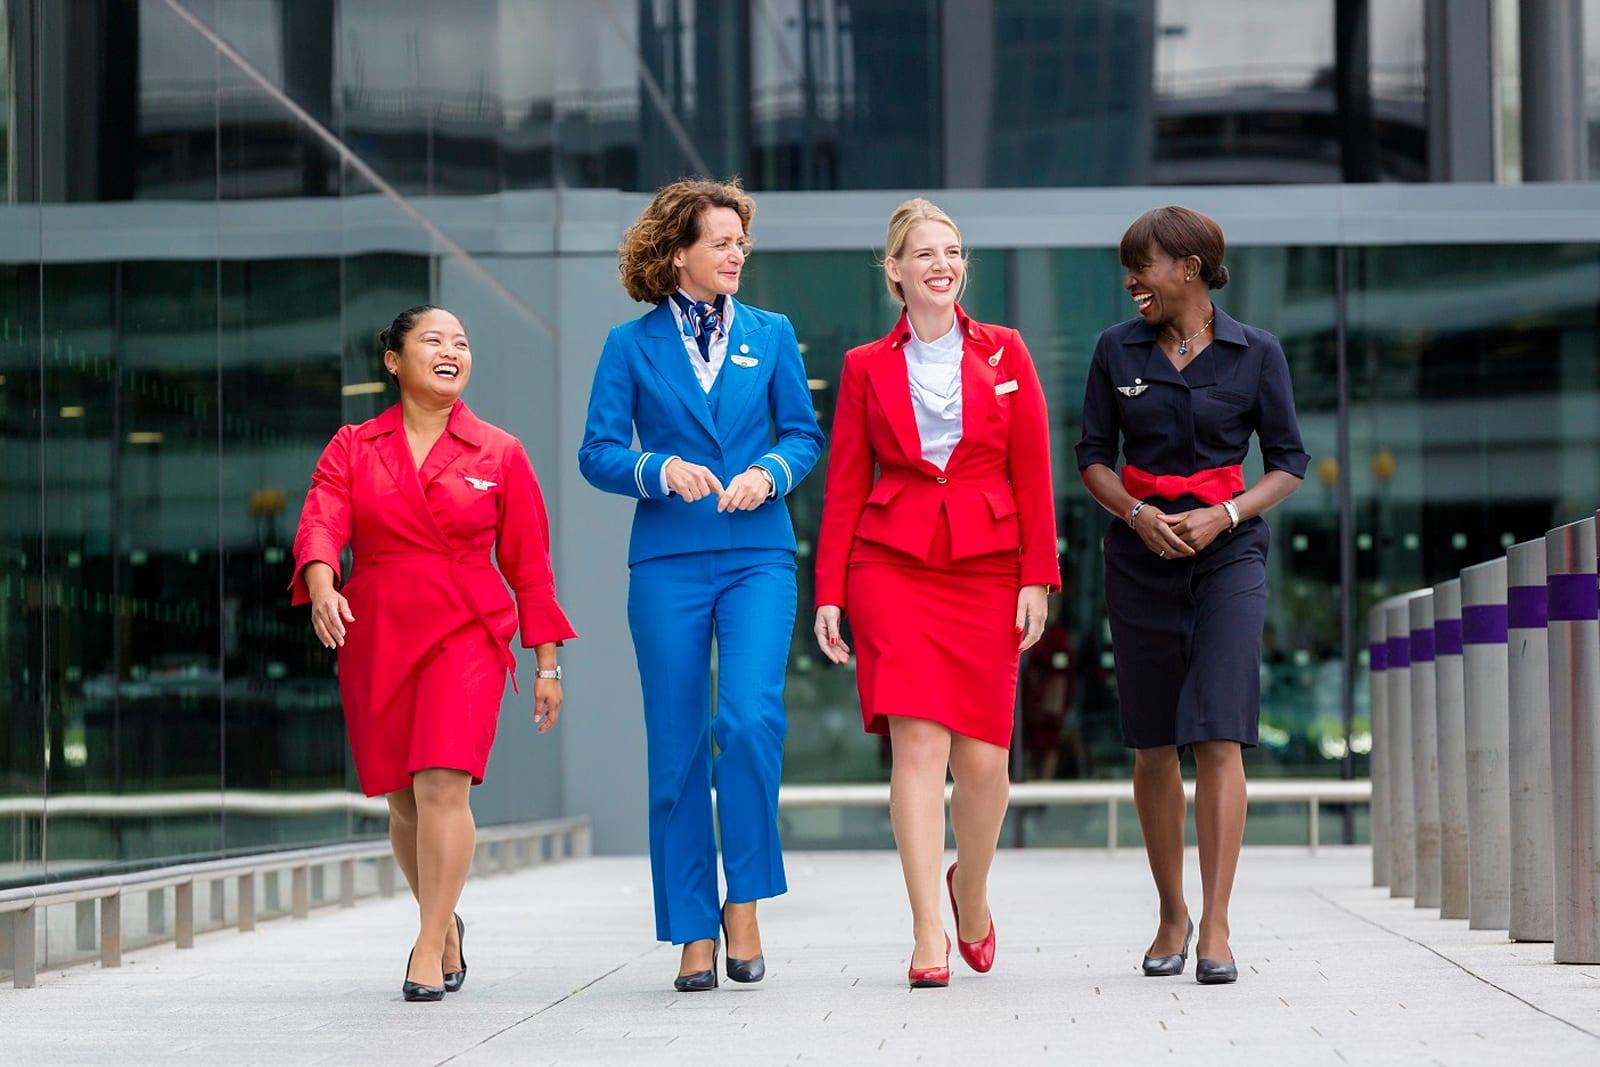 ヴァージン・アトランティック航空(VS)とエールフランス航空(AF)/KLMオランダ航空(KL)が提携強化